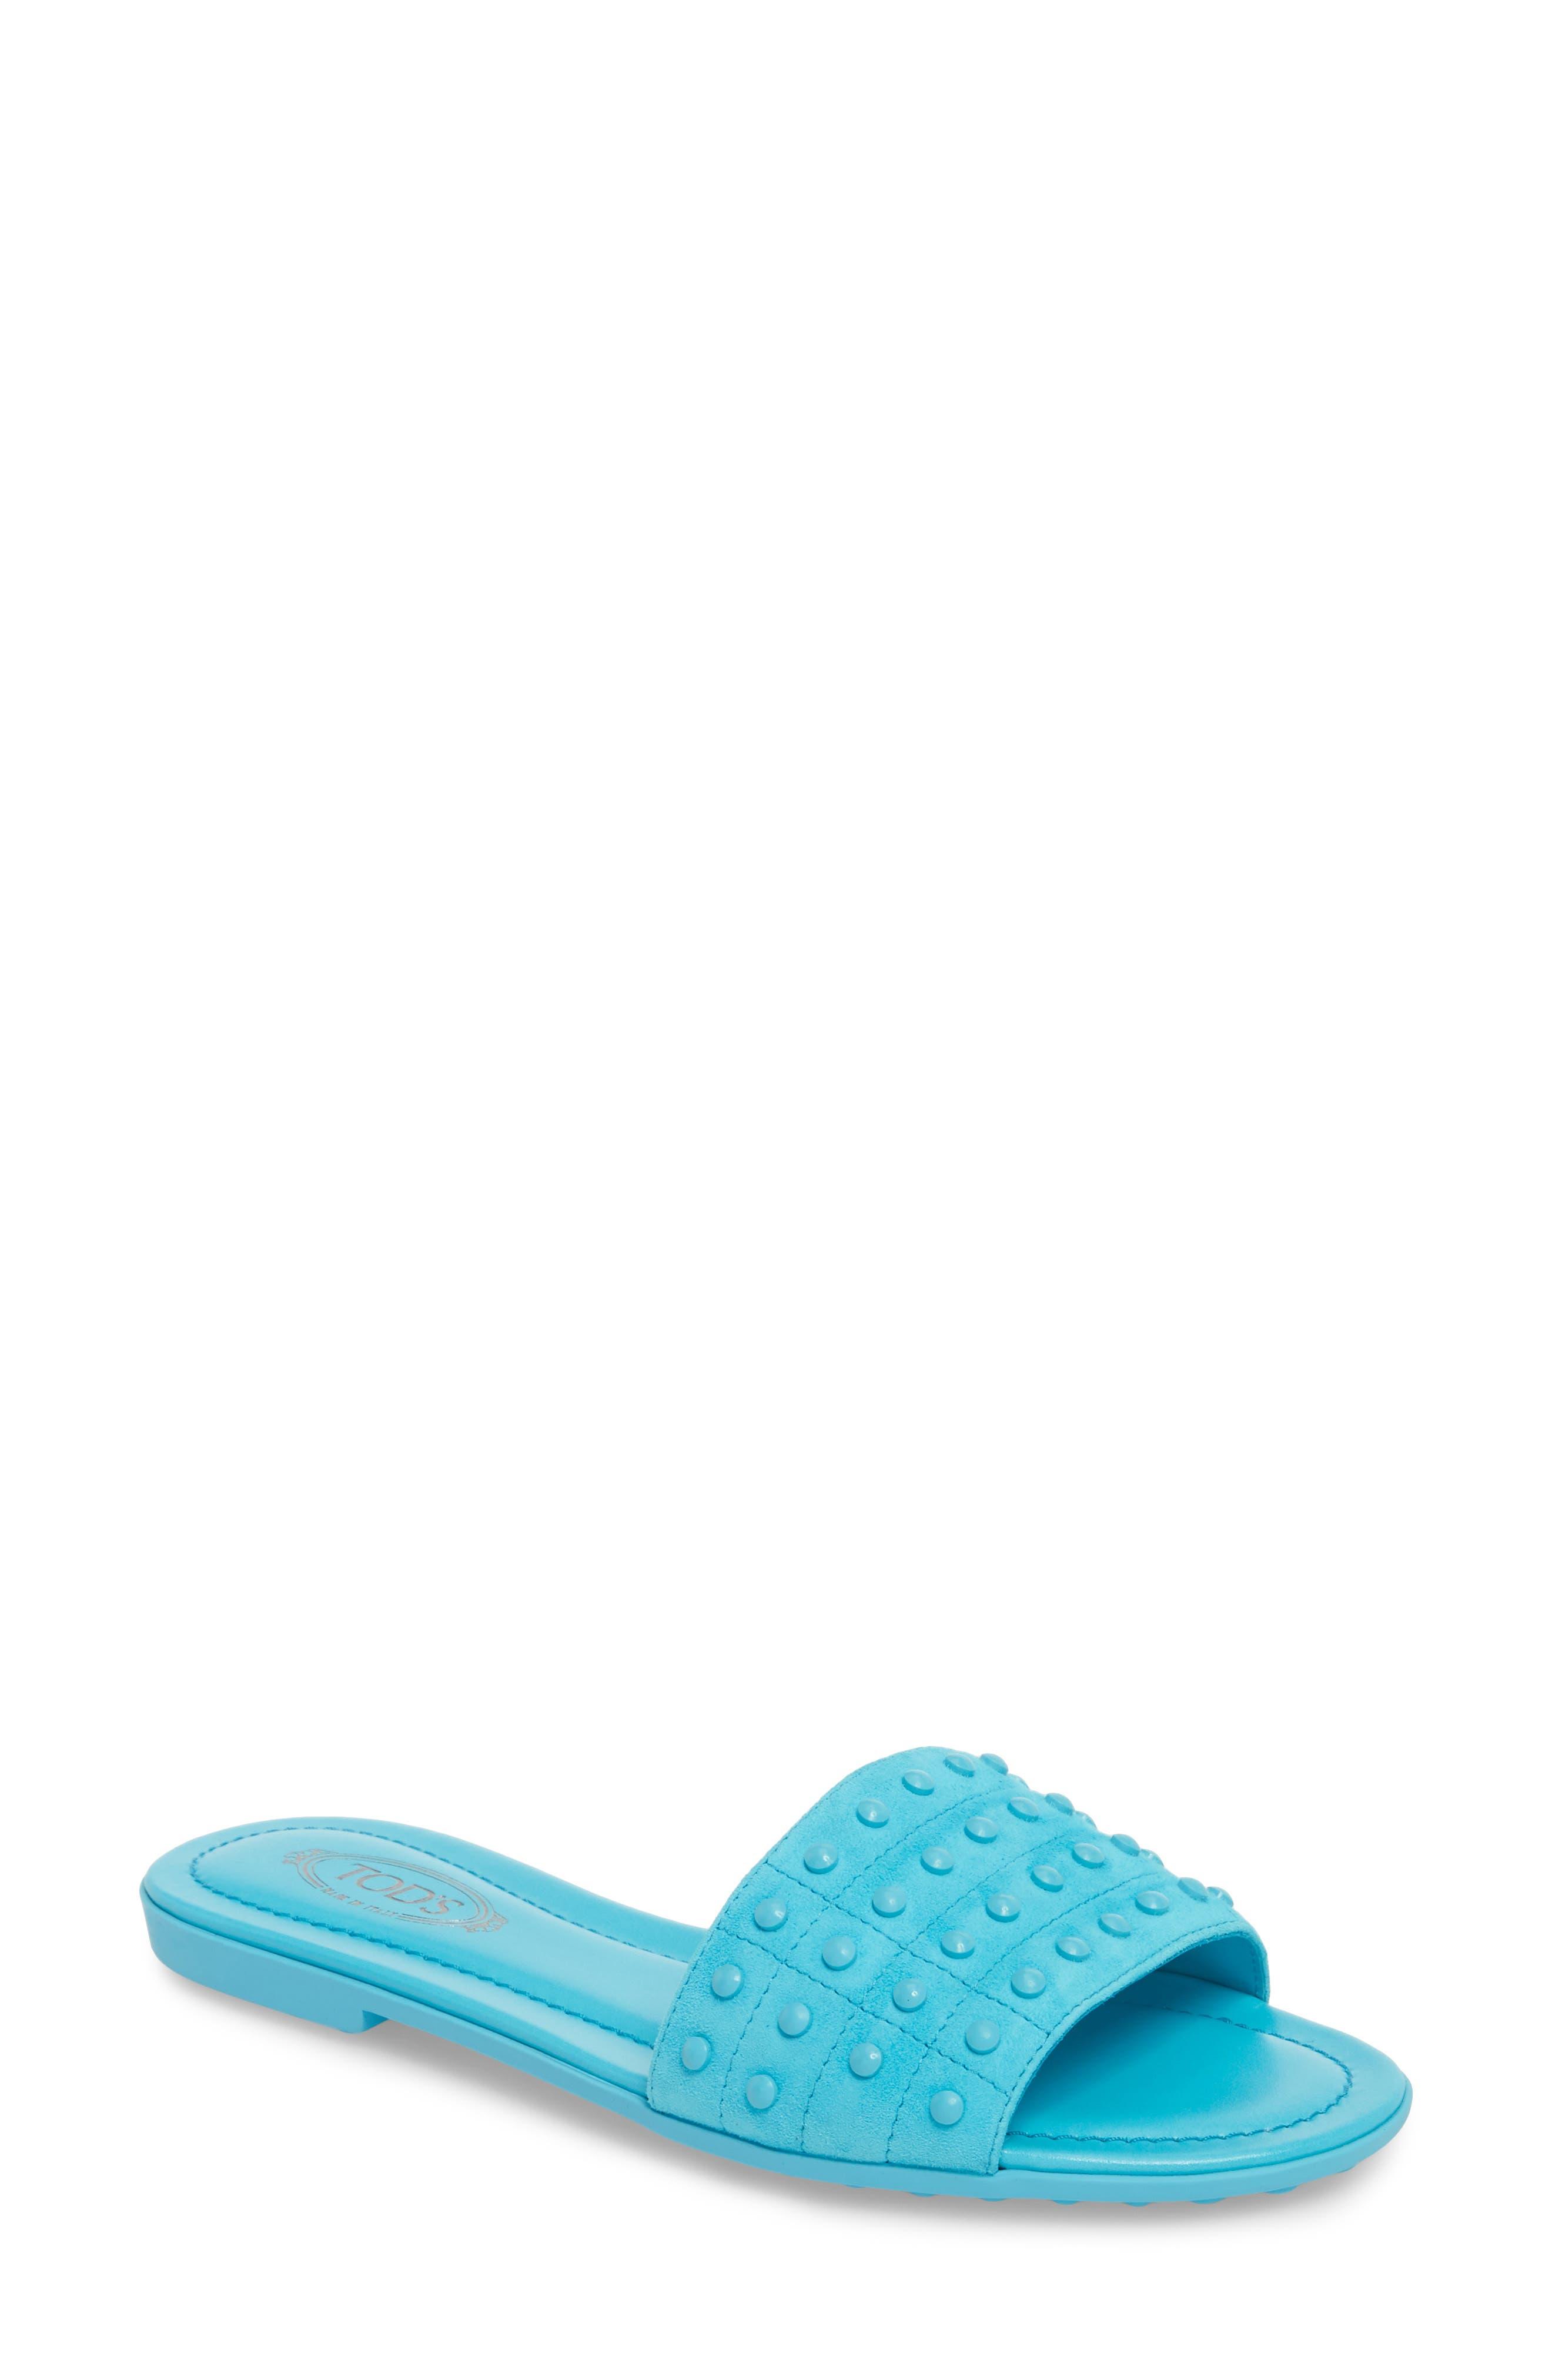 Main Image - Tod's Gommini Slide Sandal (Women)